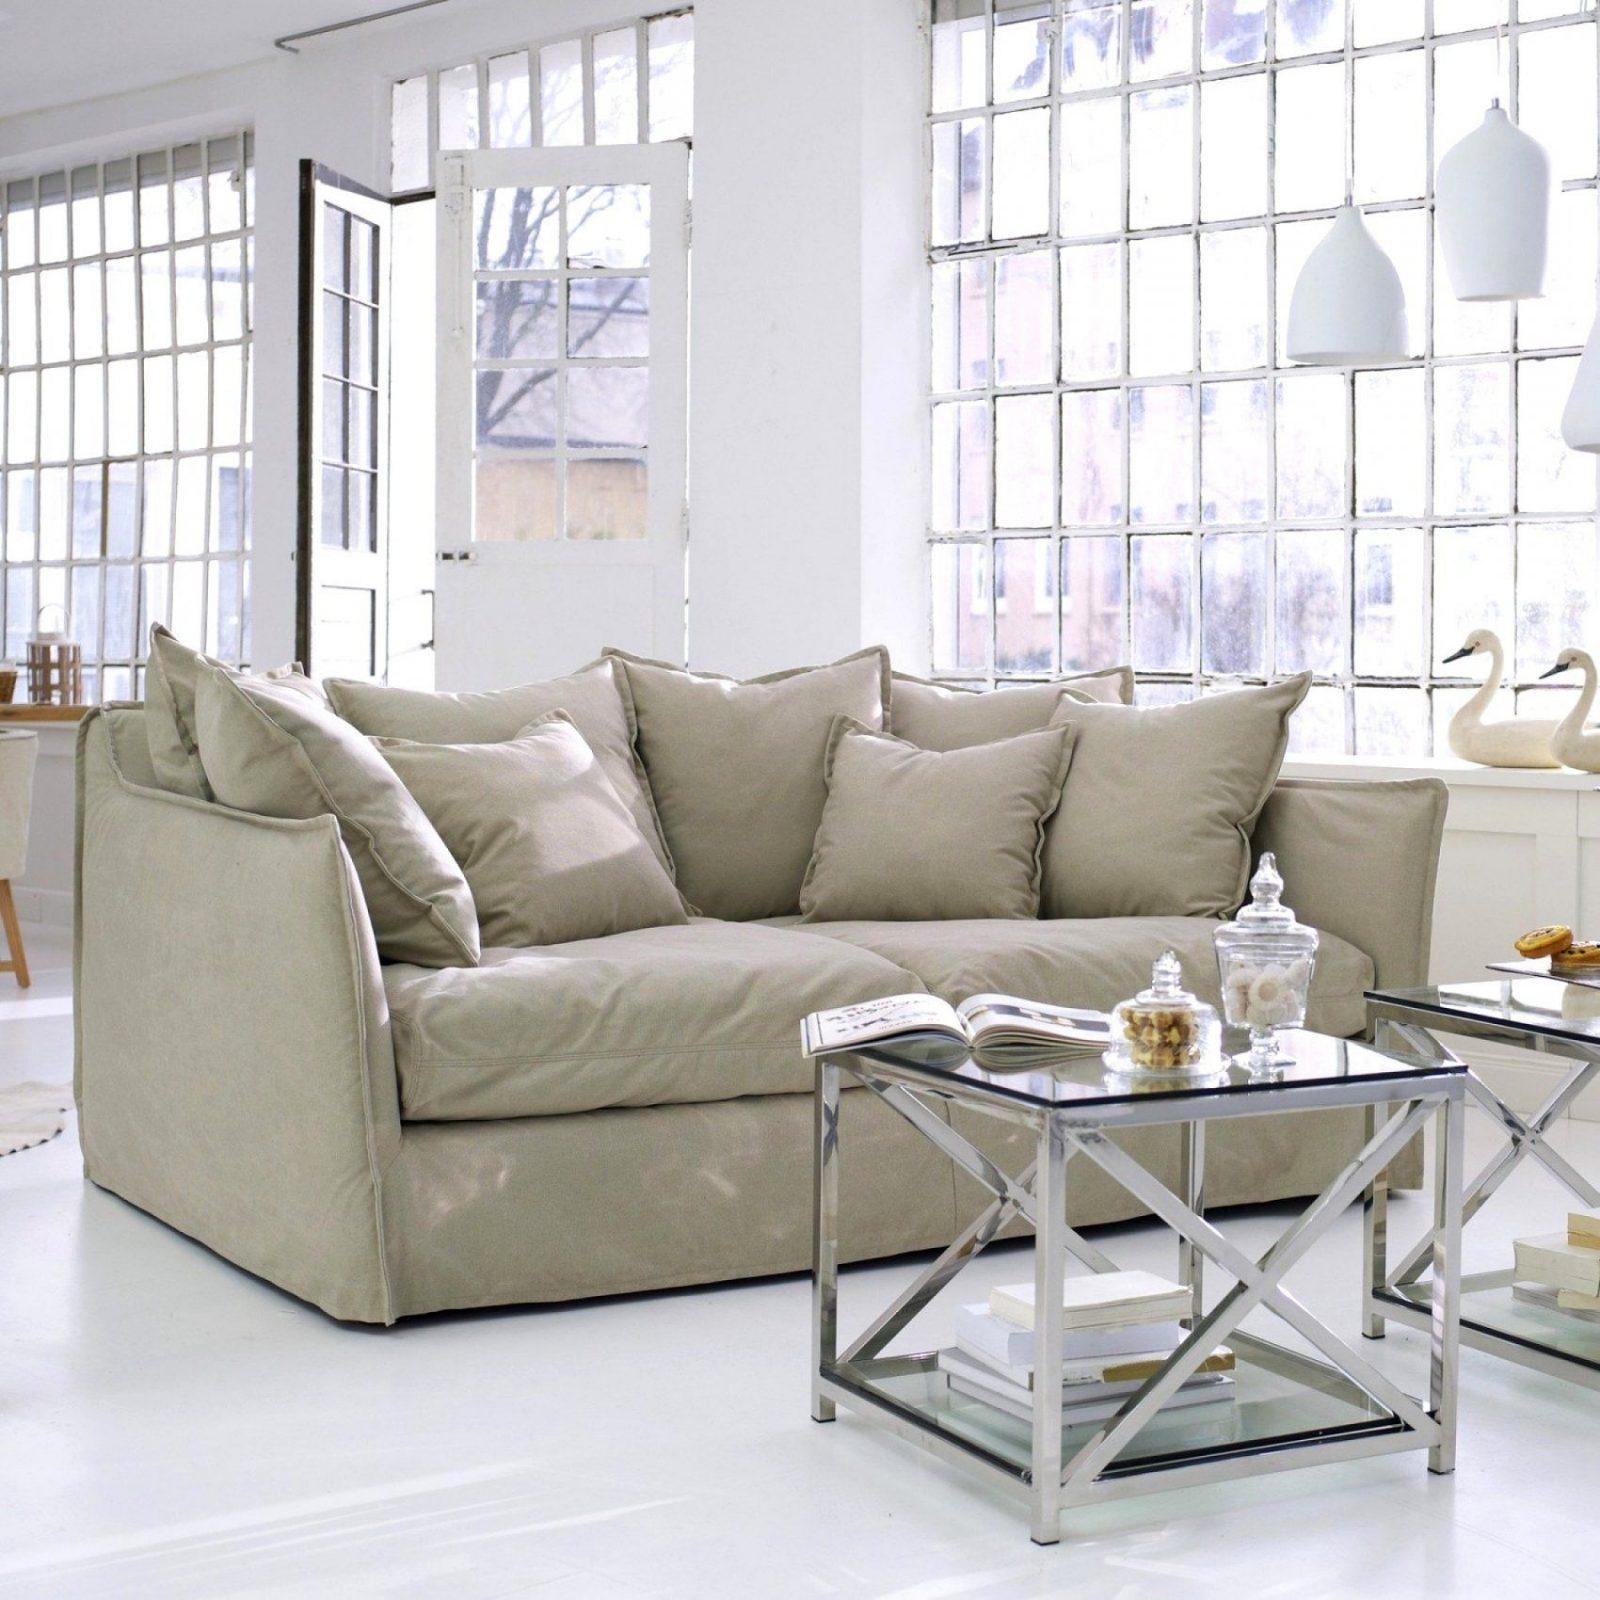 Elegantes Gemutliches Sofa Fur Kleine Raume Wohnzimmer Sofa Mit Free